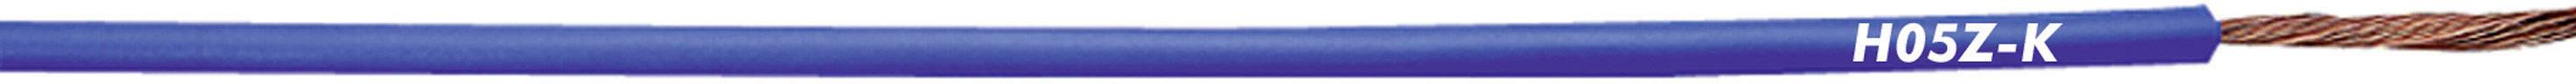 Opletenie / lanko LappKabel 4725091 H05Z-K, 1 x 0.50 mm², vonkajší Ø 2.10 mm, metrový tovar, oranžová